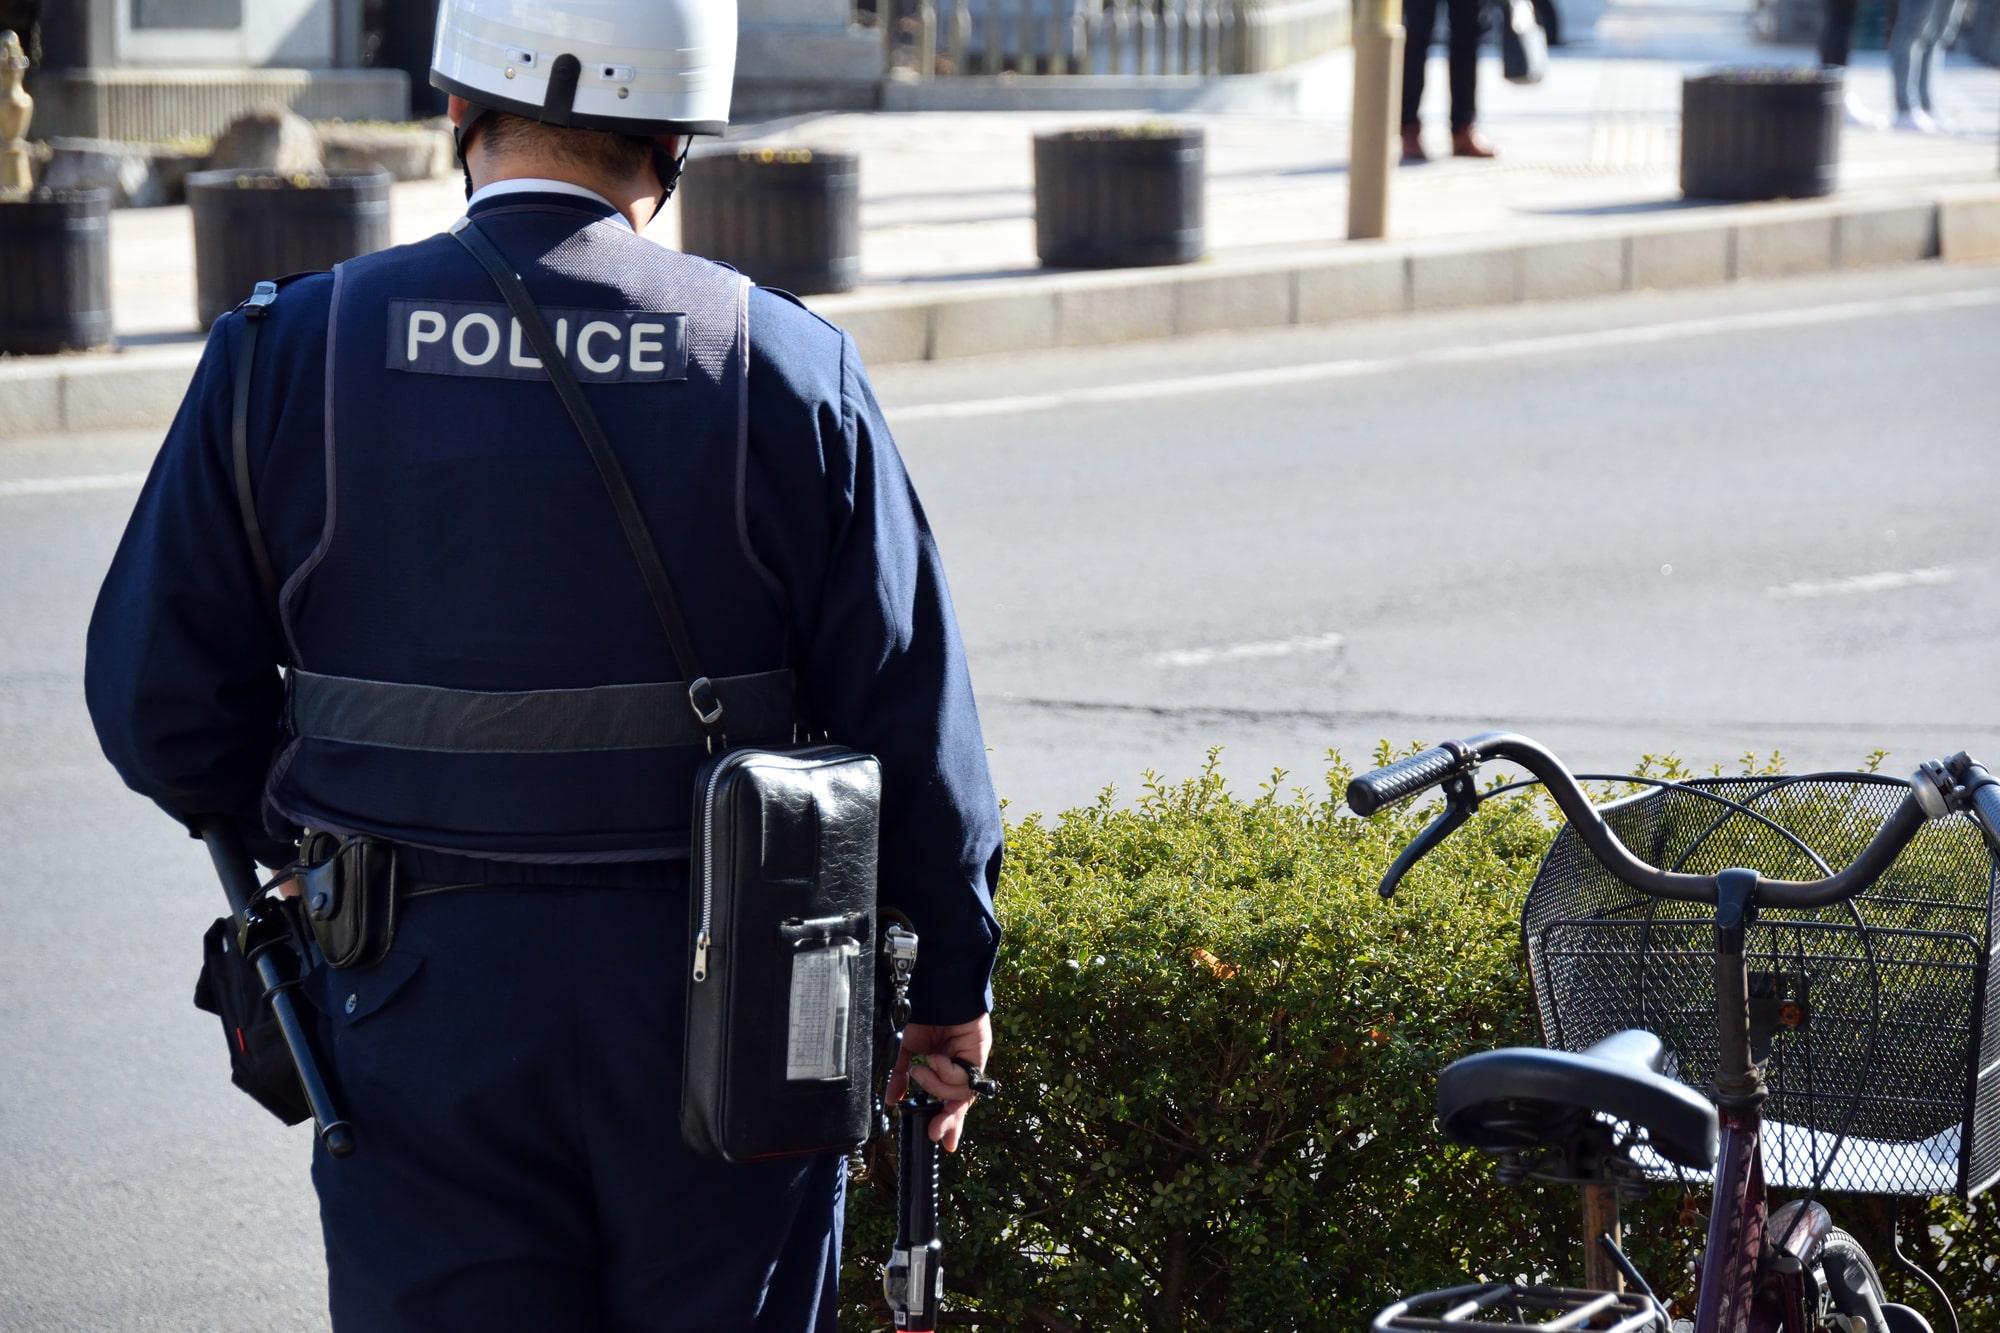 行方不明調査で警察が動く条件について